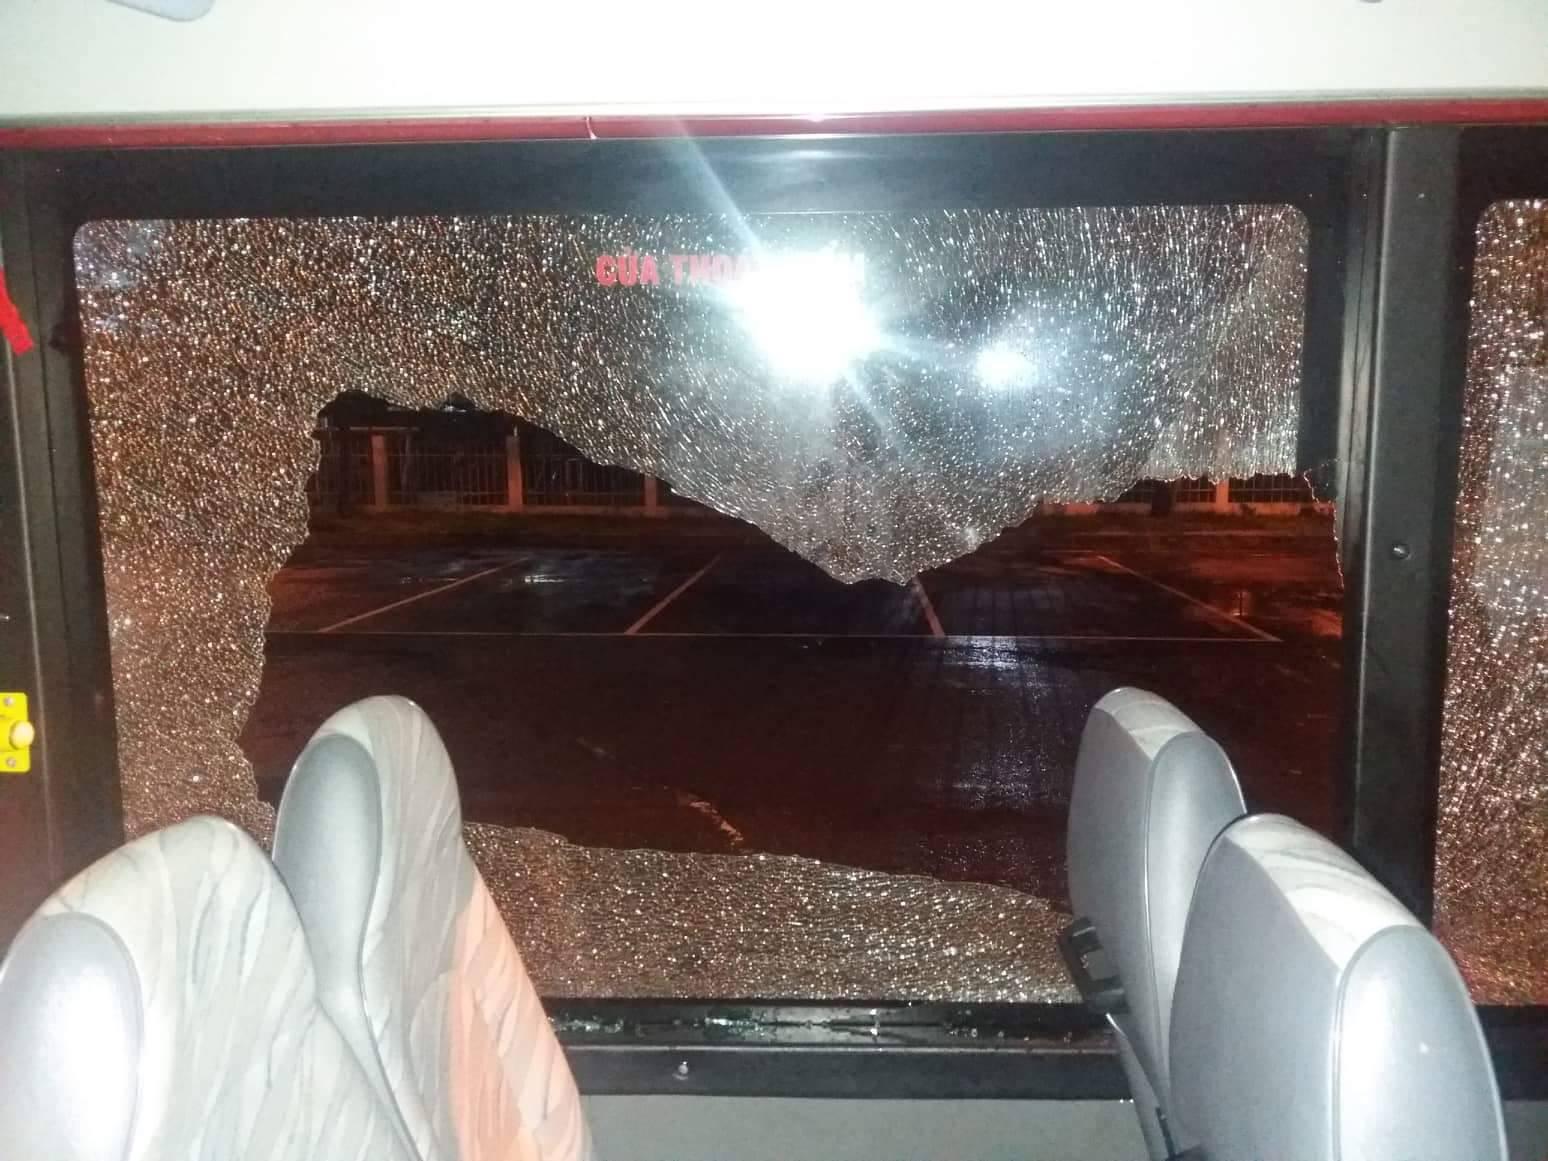 Đối tượng xăm trổ đập phá xe buýt, đe dọa hành khách ở Đà Nẵng bị nghiện ma tuý - Ảnh 2.